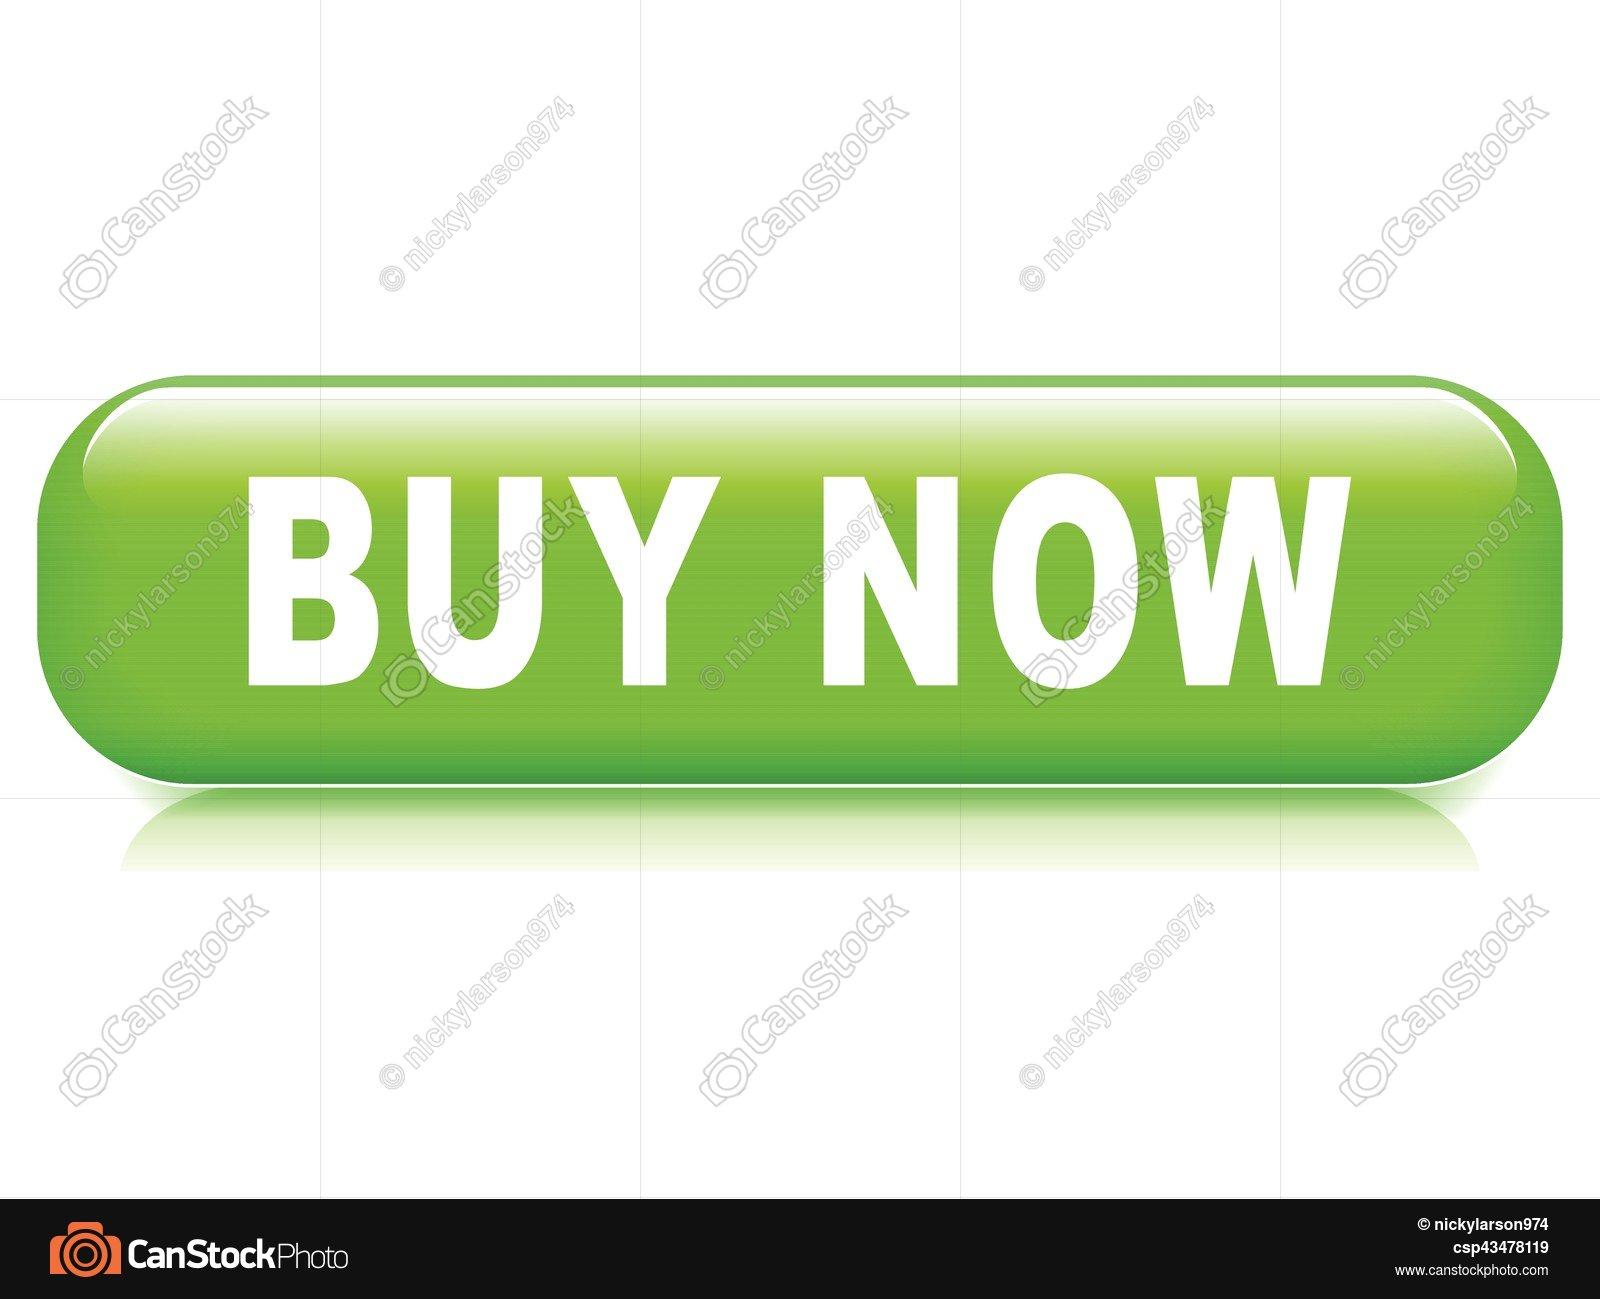 Buy Now Button - Csp43478119-buy now button - csp43478119-1